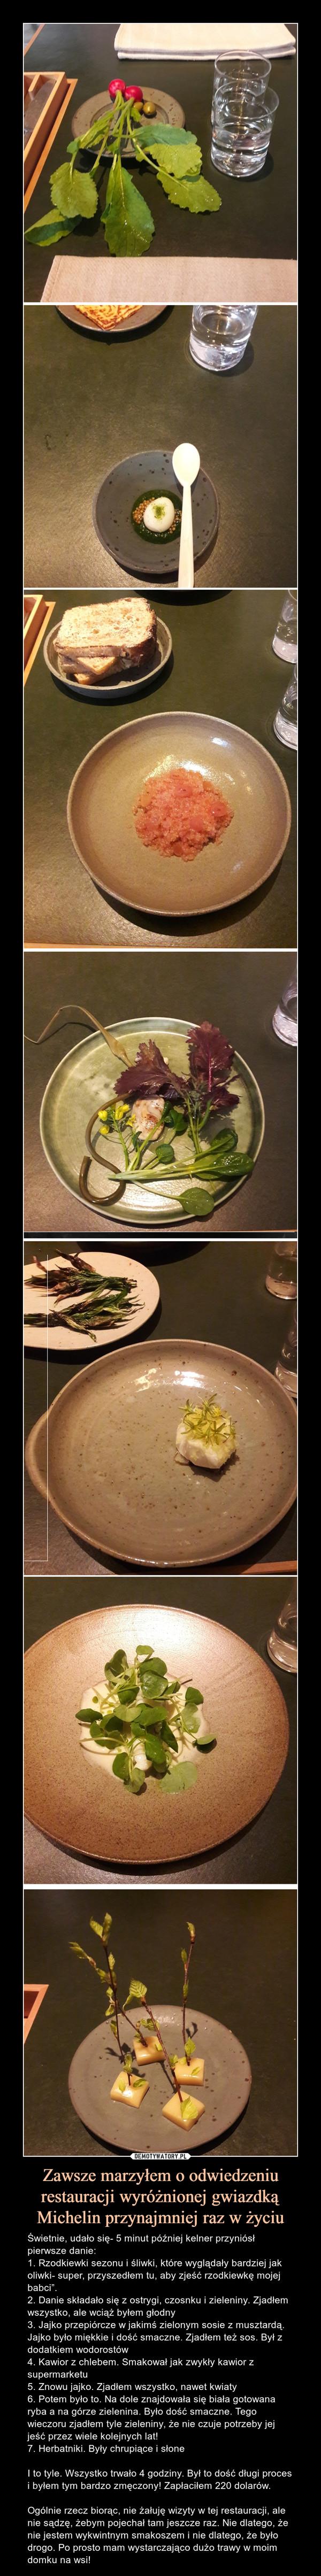 """Zawsze marzyłem o odwiedzeniu restauracji wyróżnionej gwiazdką Michelin przynajmniej raz w życiu – Świetnie, udało się- 5 minut później kelner przyniósł pierwsze danie:1. Rzodkiewki sezonu i śliwki, które wyglądały bardziej jak oliwki- super, przyszedłem tu, aby zjeść rzodkiewkę mojej babci"""".2. Danie składało się z ostrygi, czosnku i zieleniny. Zjadłem wszystko, ale wciąż byłem głodny3. Jajko przepiórcze w jakimś zielonym sosie z musztardą. Jajko było miękkie i dość smaczne. Zjadłem też sos. Był z dodatkiem wodorostów4. Kawior z chlebem. Smakował jak zwykły kawior z supermarketu5. Znowu jajko. Zjadłem wszystko, nawet kwiaty6. Potem było to. Na dole znajdowała się biała gotowana ryba a na górze zielenina. Było dość smaczne. Tego wieczoru zjadłem tyle zieleniny, że nie czuje potrzeby jej jeść przez wiele kolejnych lat! 7. Herbatniki. Były chrupiące i słoneI to tyle. Wszystko trwało 4 godziny. Był to dość długi proces i byłem tym bardzo zmęczony! Zapłaciłem 220 dolarów.Ogólnie rzecz biorąc, nie żałuję wizyty w tej restauracji, ale nie sądzę, żebym pojechał tam jeszcze raz. Nie dlatego, że nie jestem wykwintnym smakoszem i nie dlatego, że było drogo. Po prosto mam wystarczająco dużo trawy w moim domku na wsi!"""